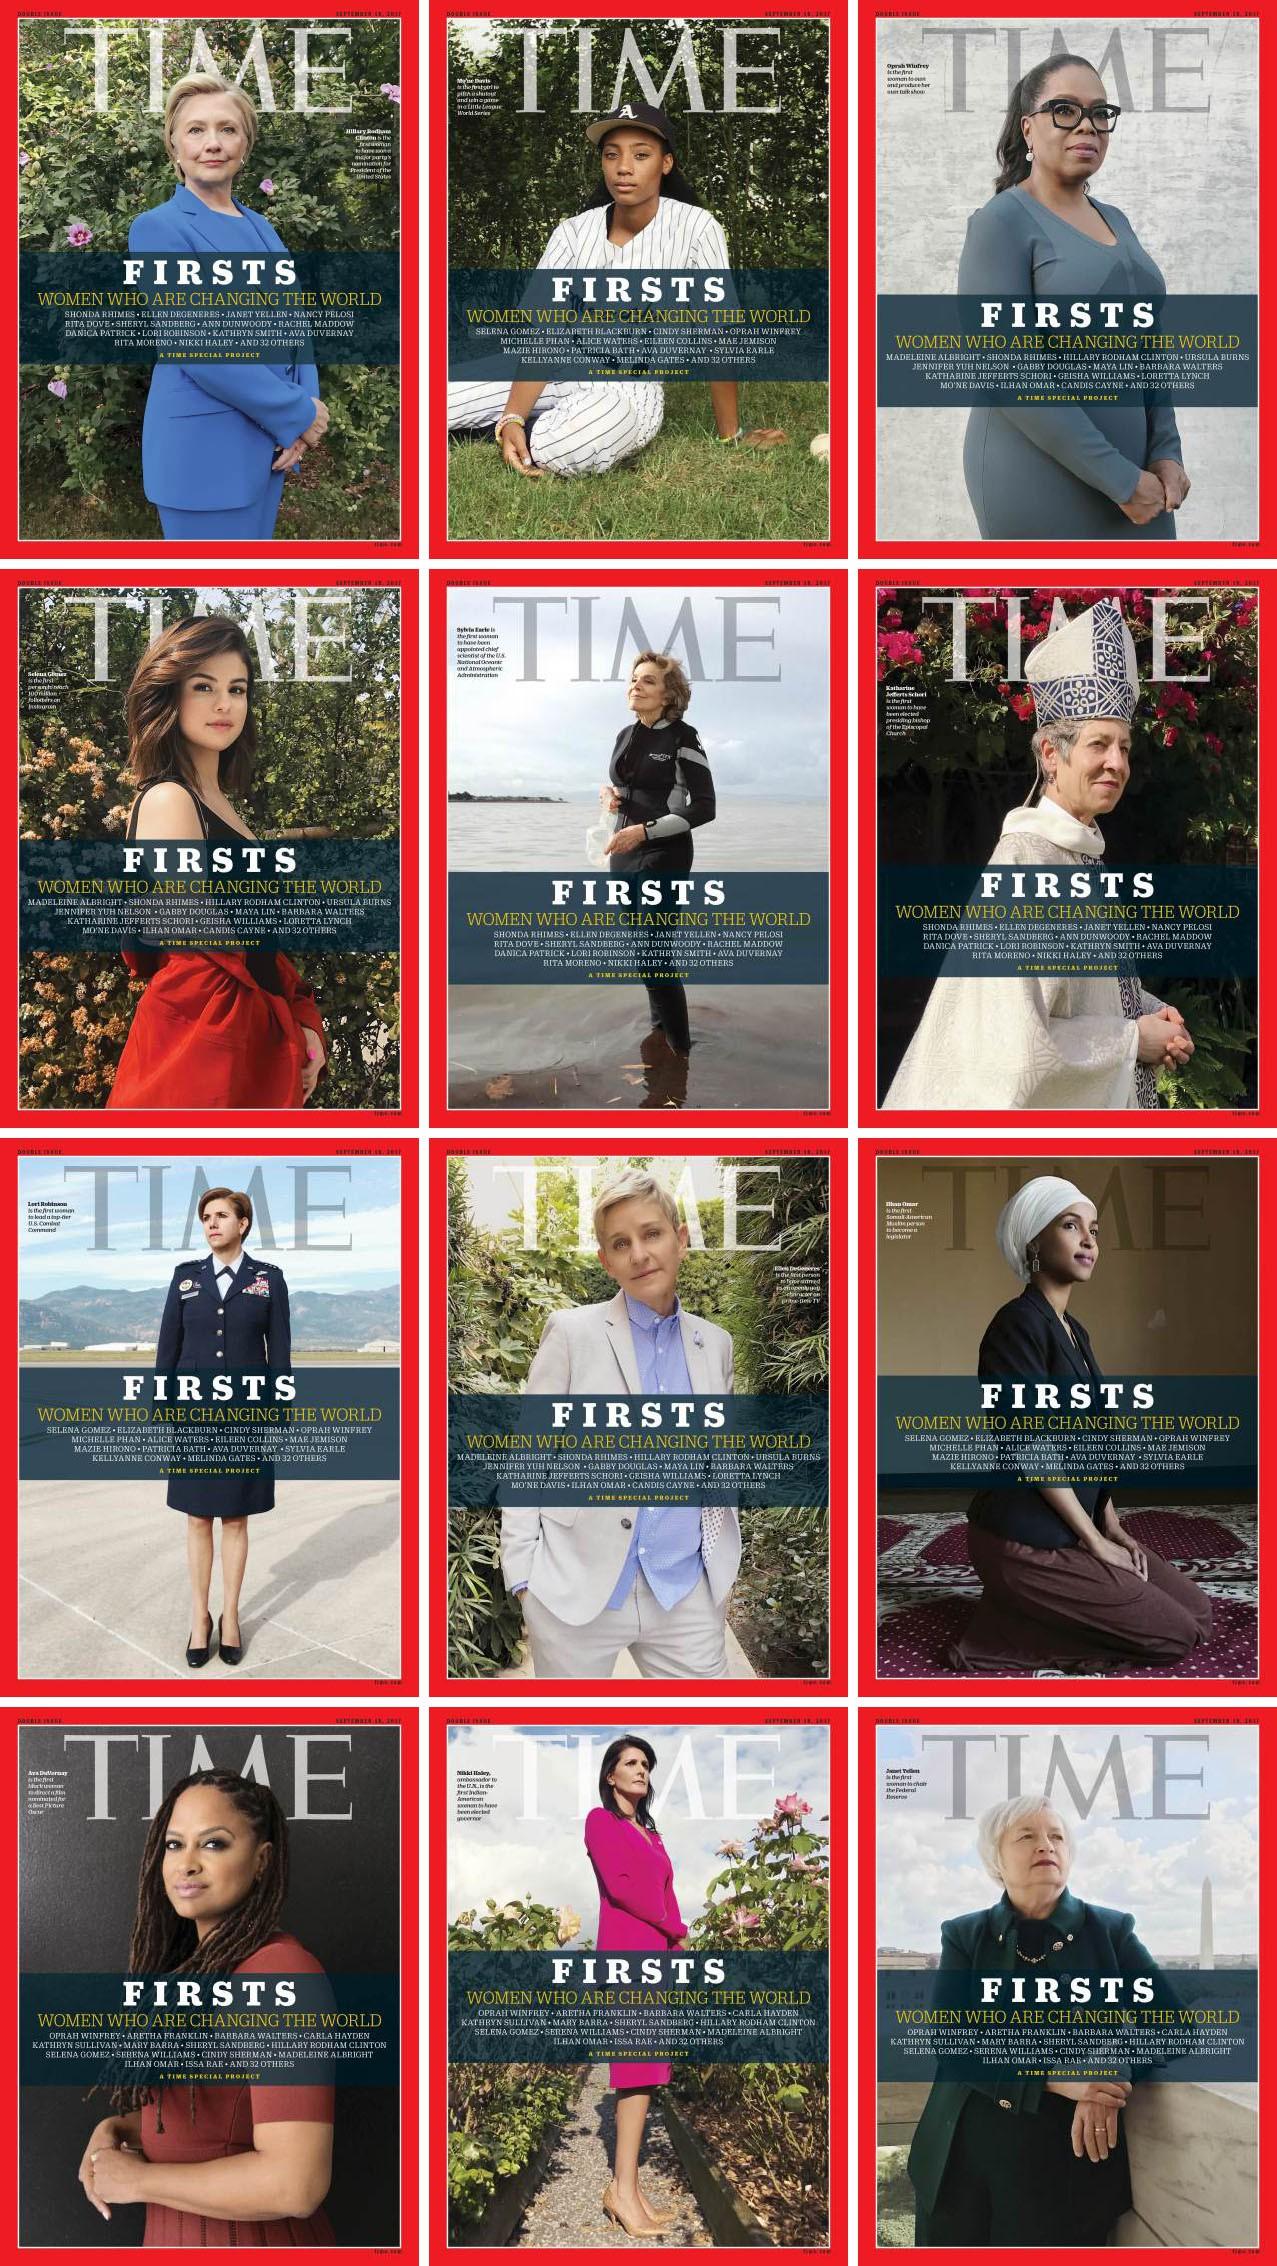 Tạp chí danh tiếng 5 lần 7 lượt chỉ dùng iPhone để chụp ảnh mà vẫn ra được những tác phẩm xuất sắc - Ảnh 6.